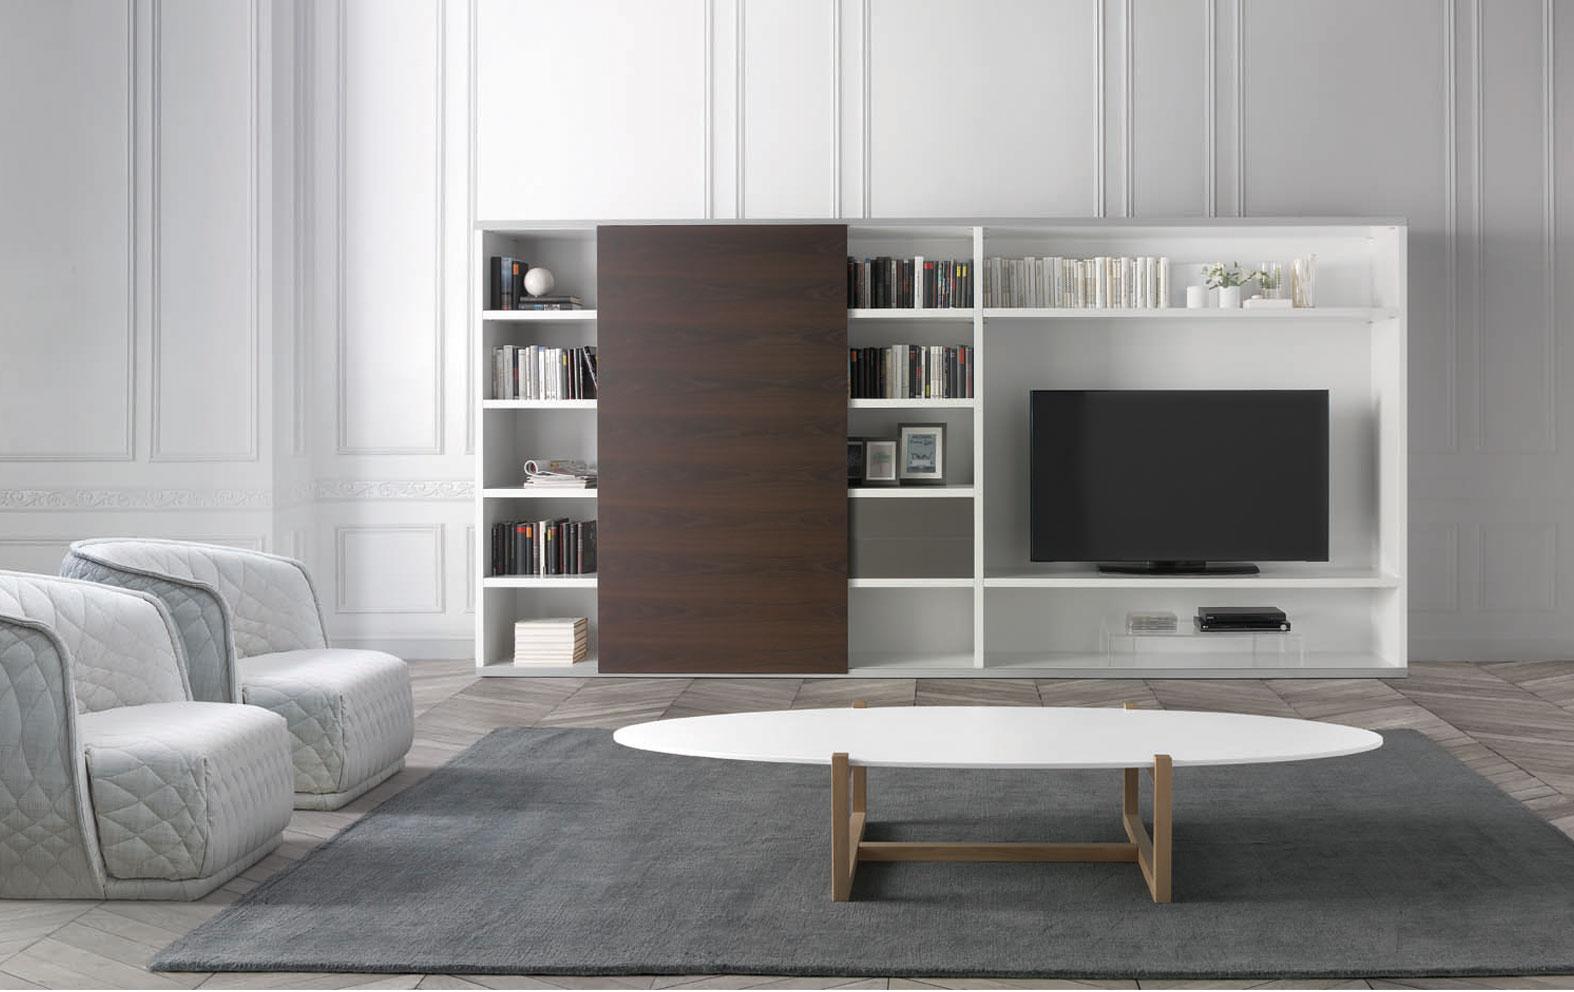 La informaci n sobre muebles que buscas la enciclopedia for Todo sobre muebles